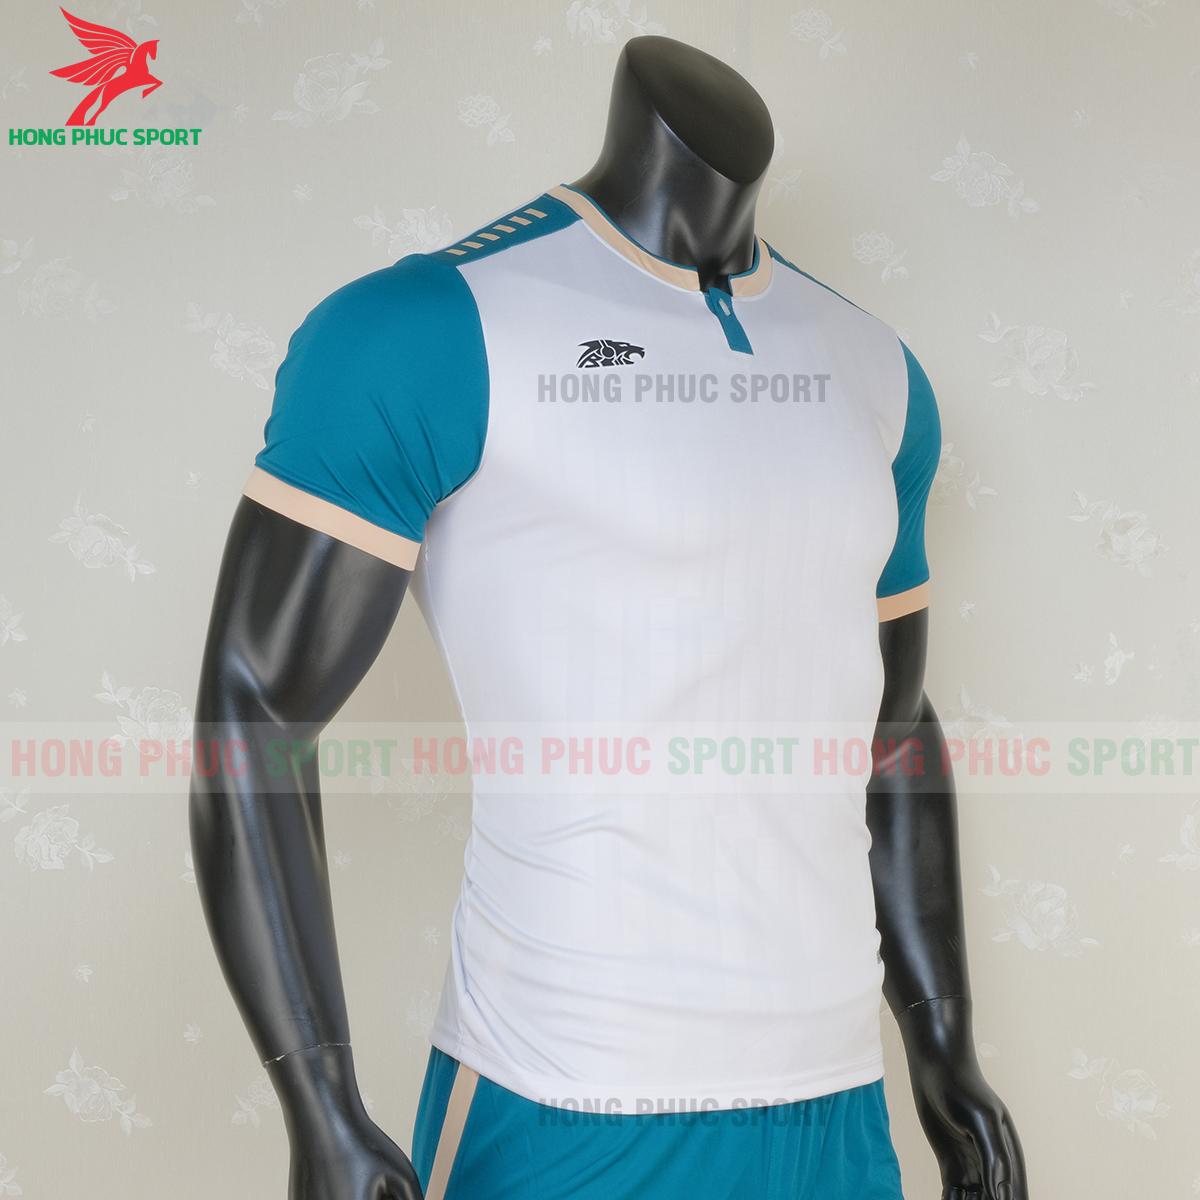 https://cdn.hongphucsport.com/unsafe/s4.shopbay.vn/files/285/ao-bong-da-khong-logo-riki-neck-mau-trang-1-5f71b11bdda8a.png